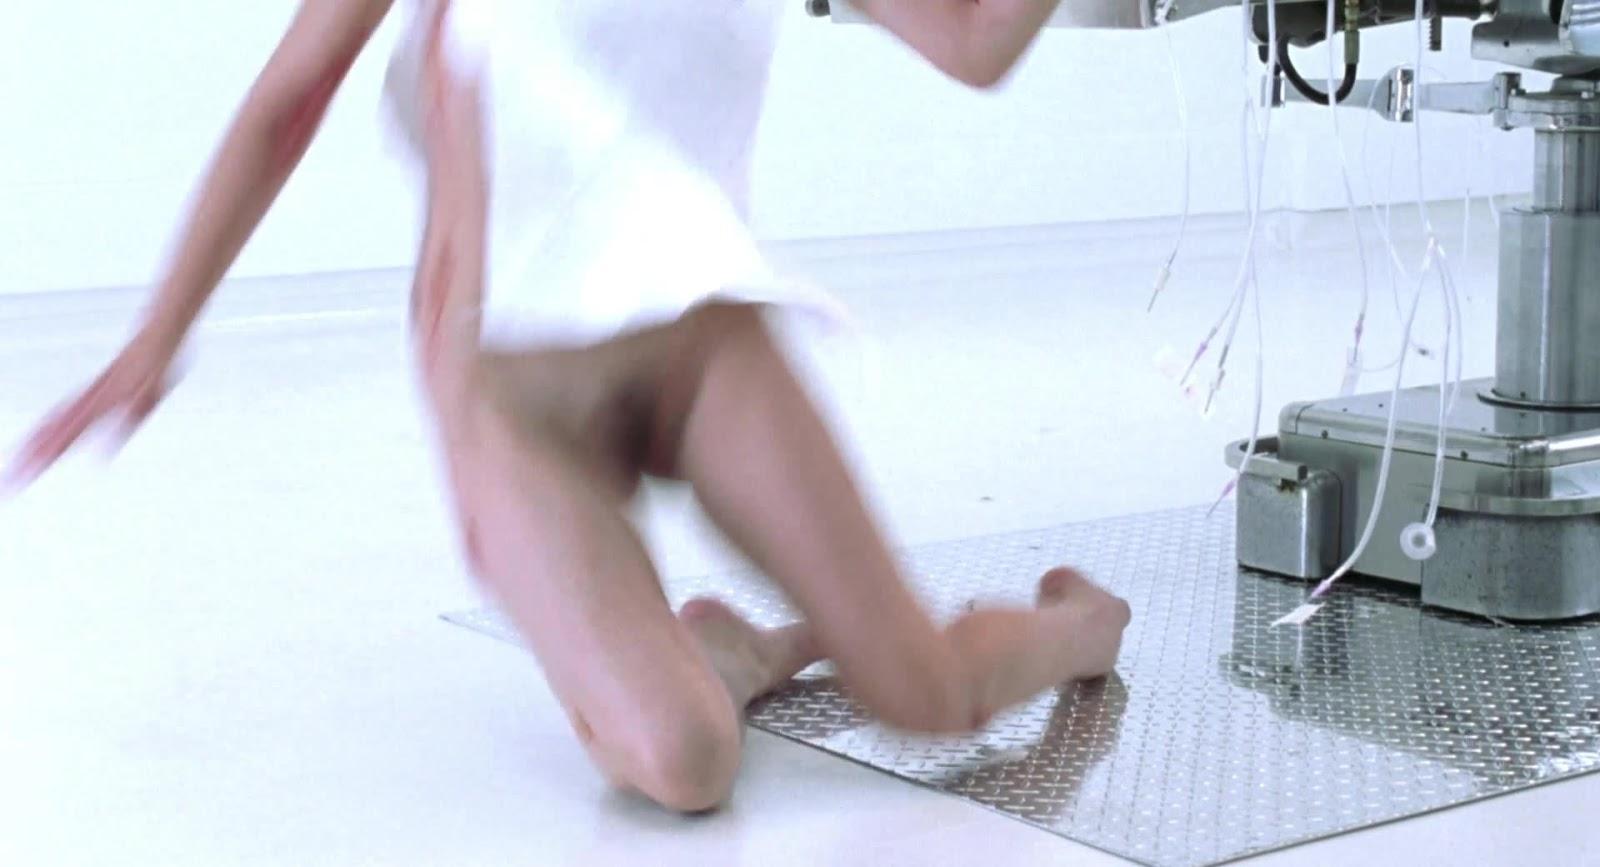 http://4.bp.blogspot.com/-HI54FMr6D8U/T6LZSaAeYGI/AAAAAAAAAP8/D0r8JXp0xxc/s1600/Milla+Jovovich+-+Resident+Evil+1708.jpg